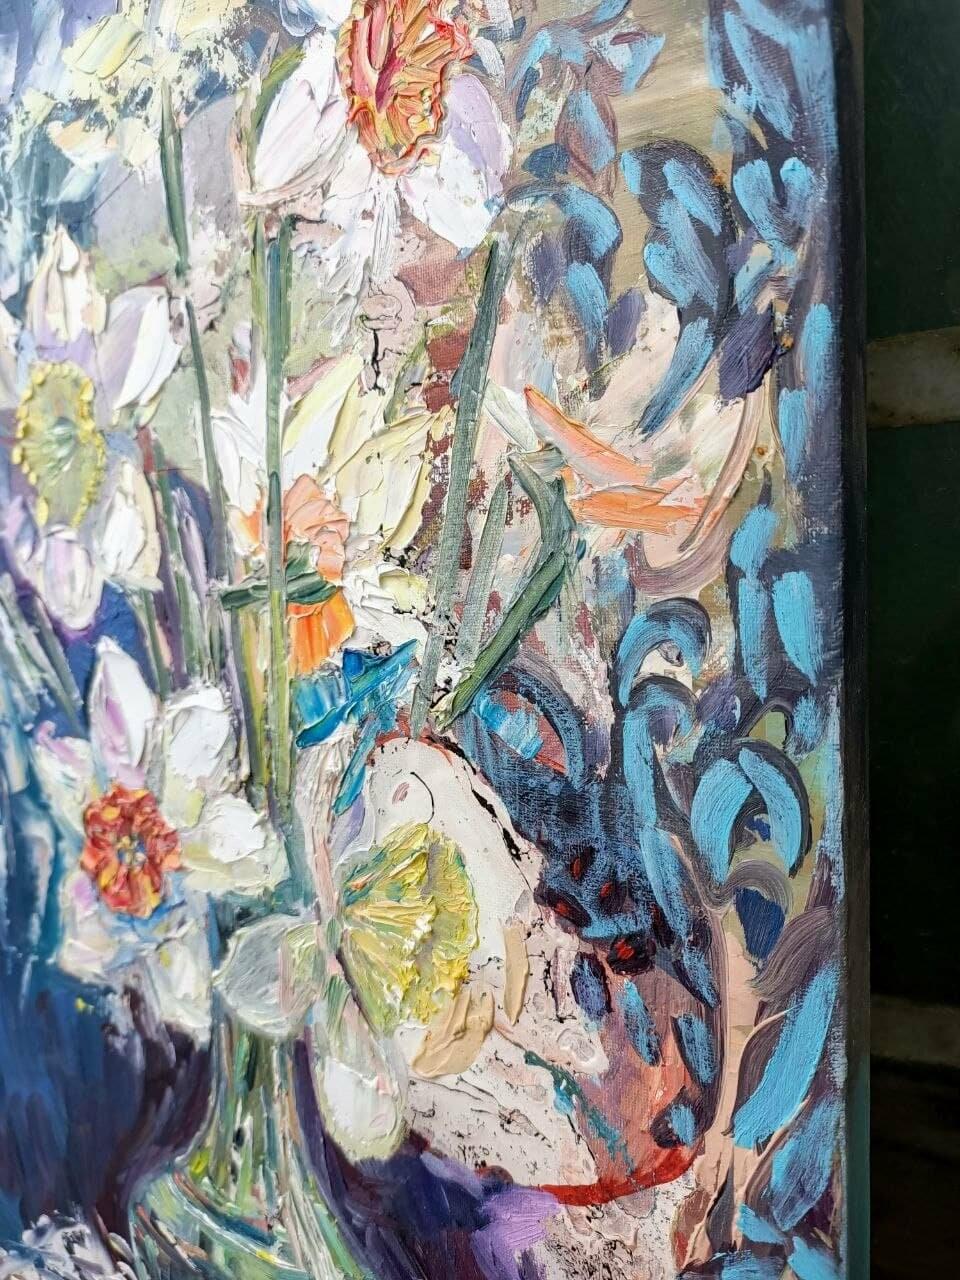 Продаж картин, галерея Браво ART, фото-15